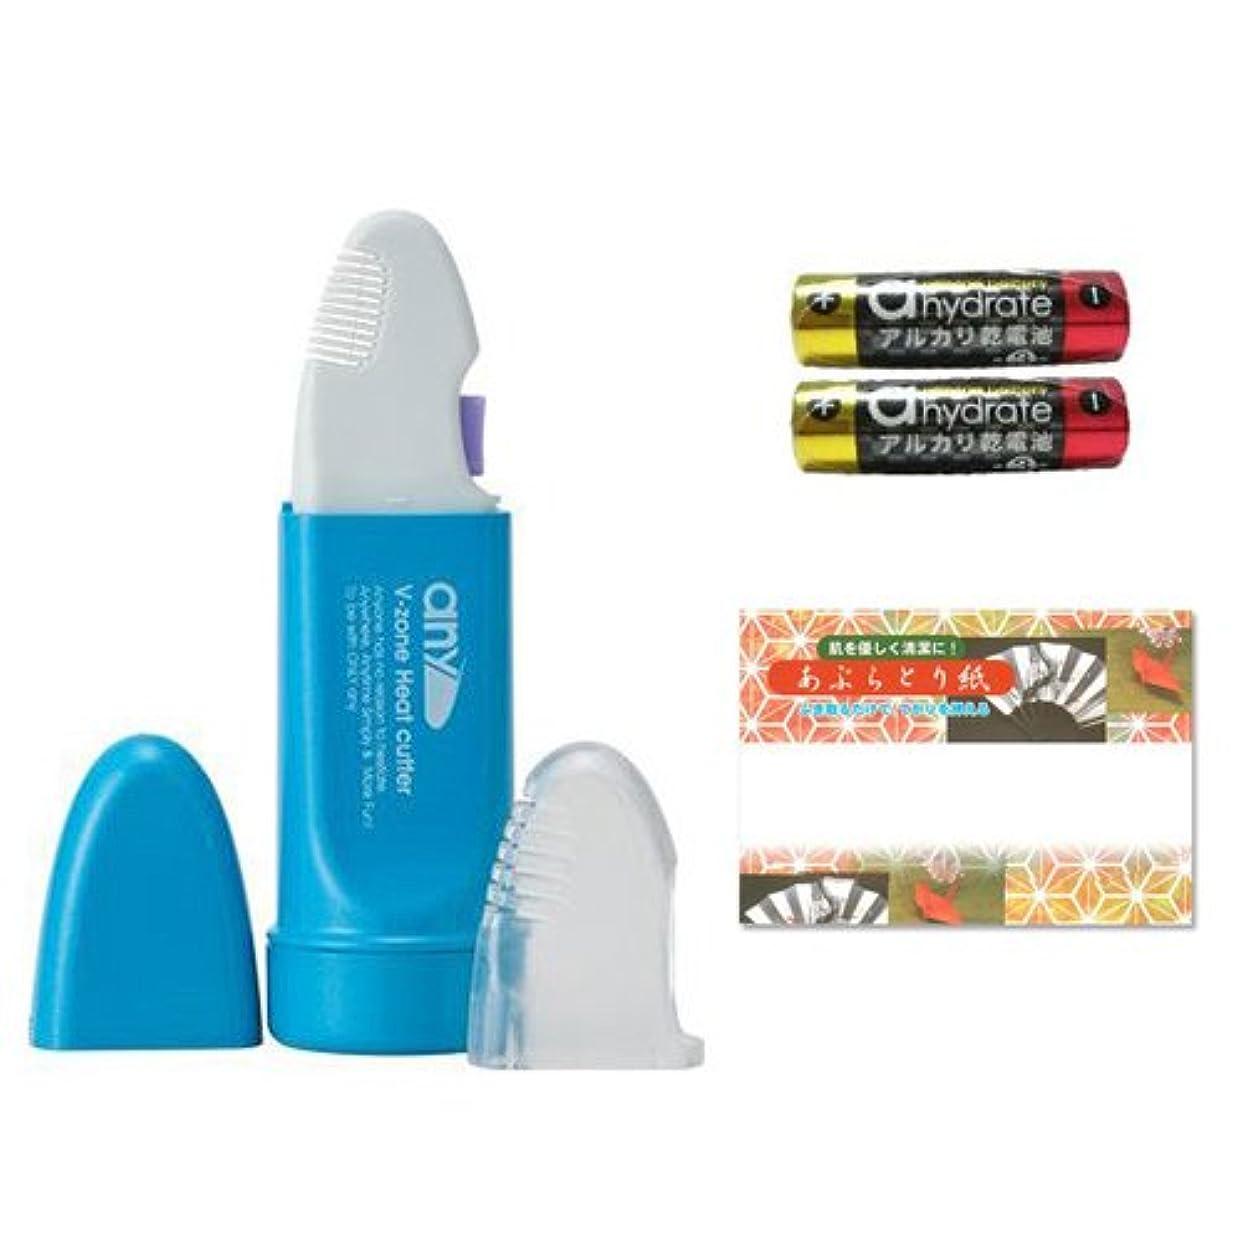 無法者暴露する凶暴なV-Zone Heat Cutter any(エニィ) Stylish マリンブルー + 単3アルカリ電池2本付きセット + あぶらとり紙 付き